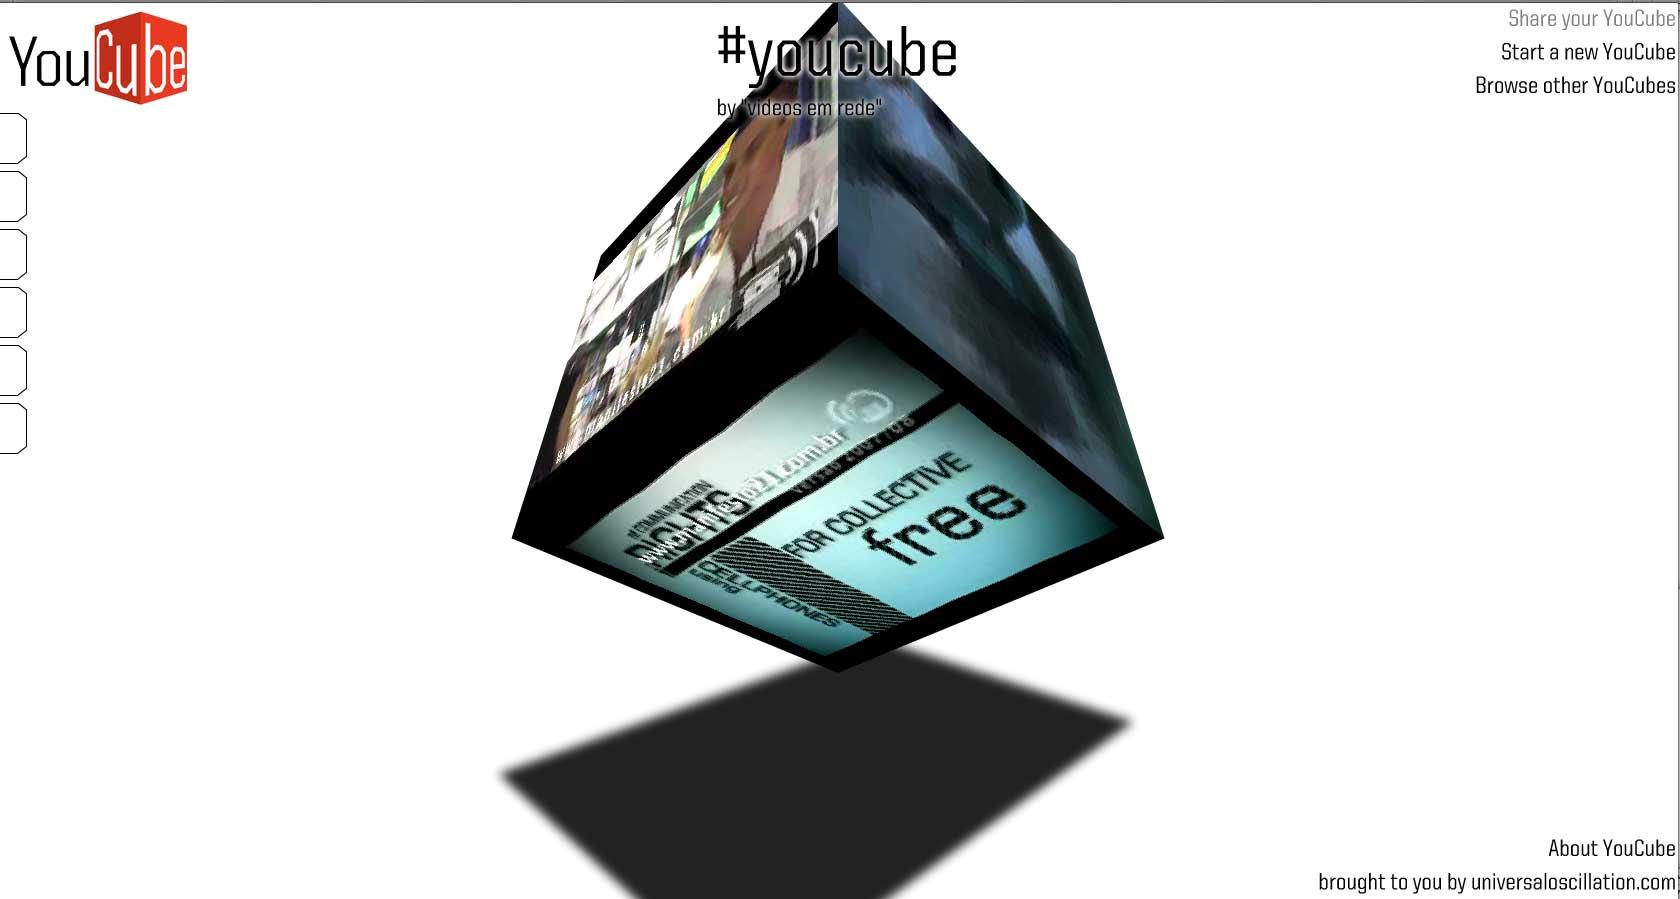 youcube2